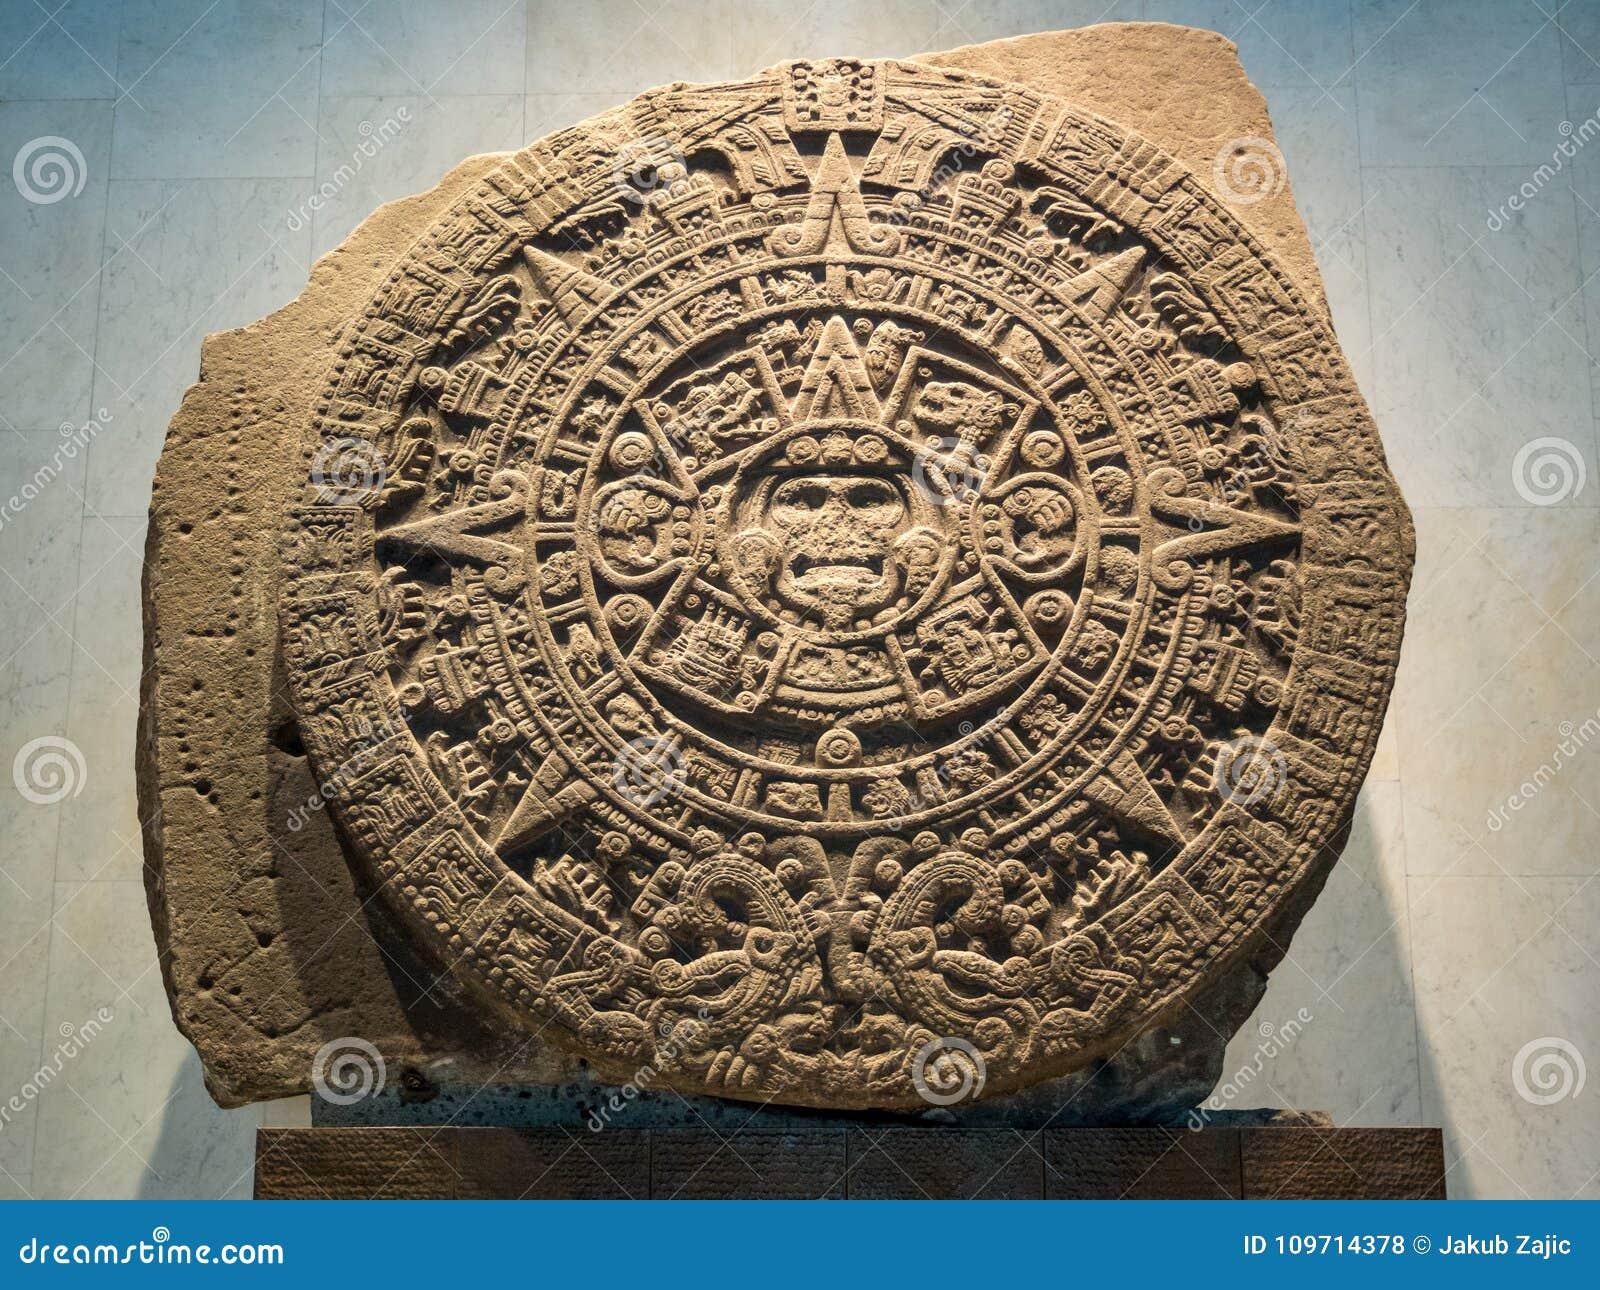 Il Calendario Maya.Il Calendario Maya Inca Azteco Profezia Della Fine Del